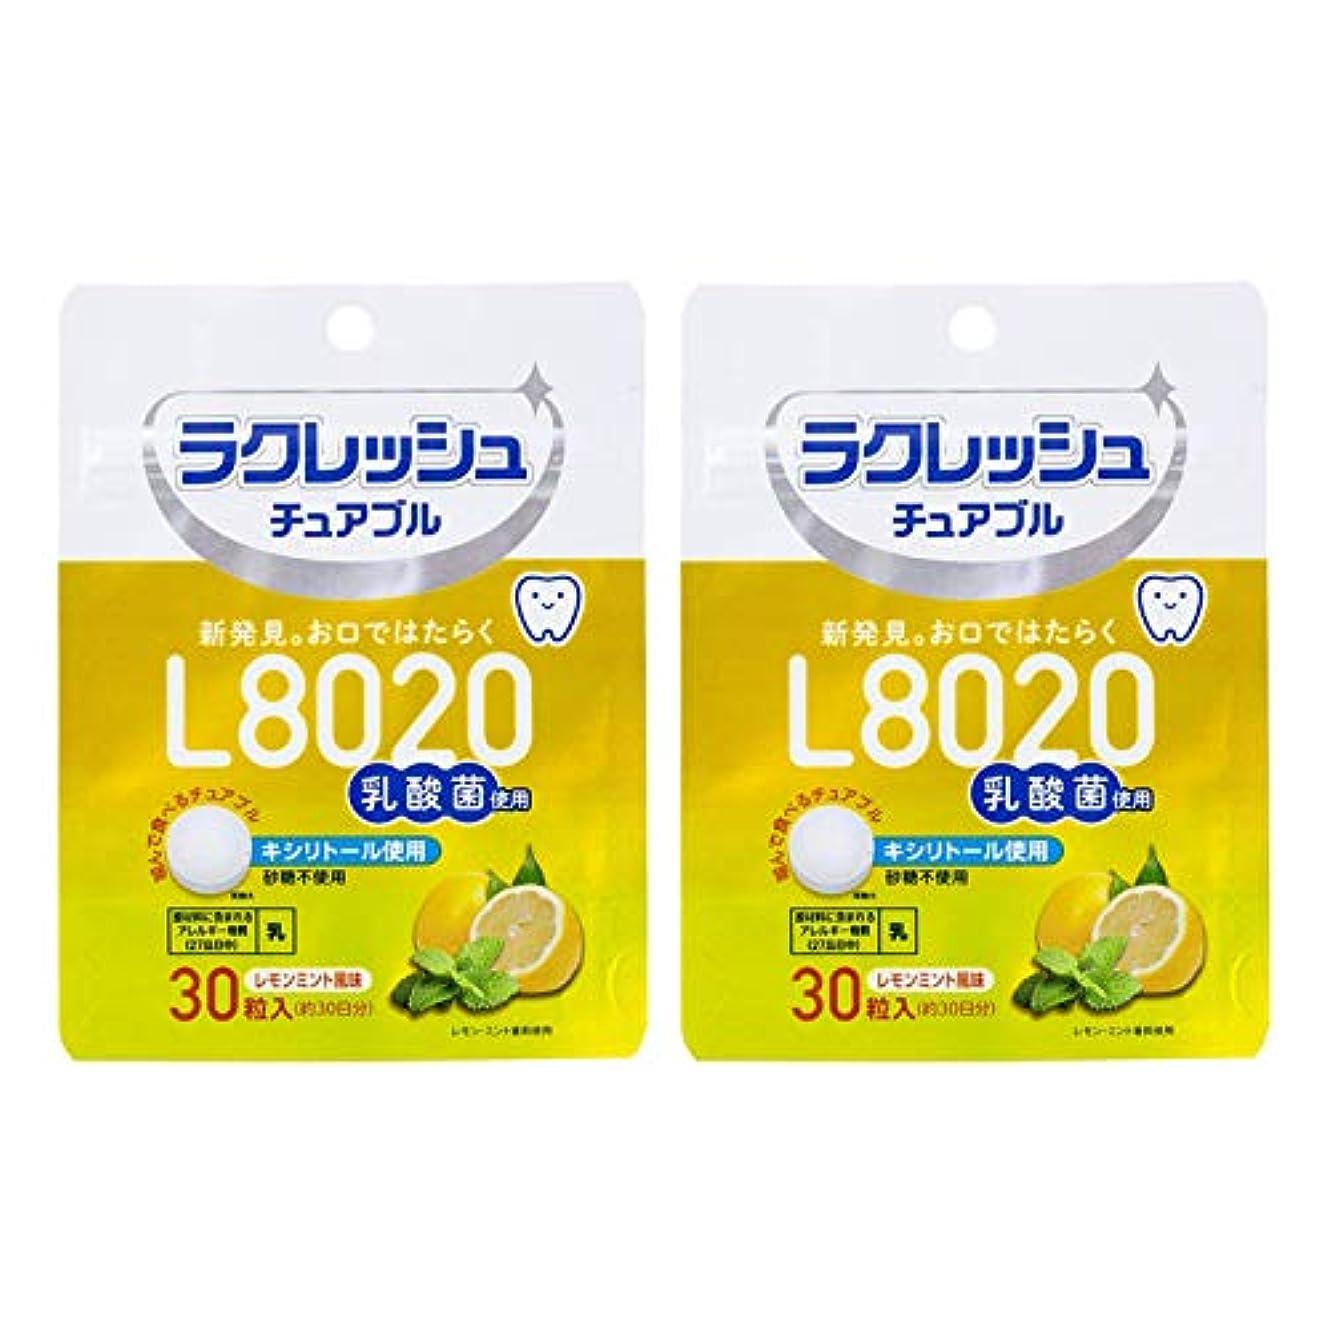 視聴者サイクルスタイルラクレッシュ L8020 乳酸菌 チュアブル レモンミント風味 オーラルケア 30粒入×2袋